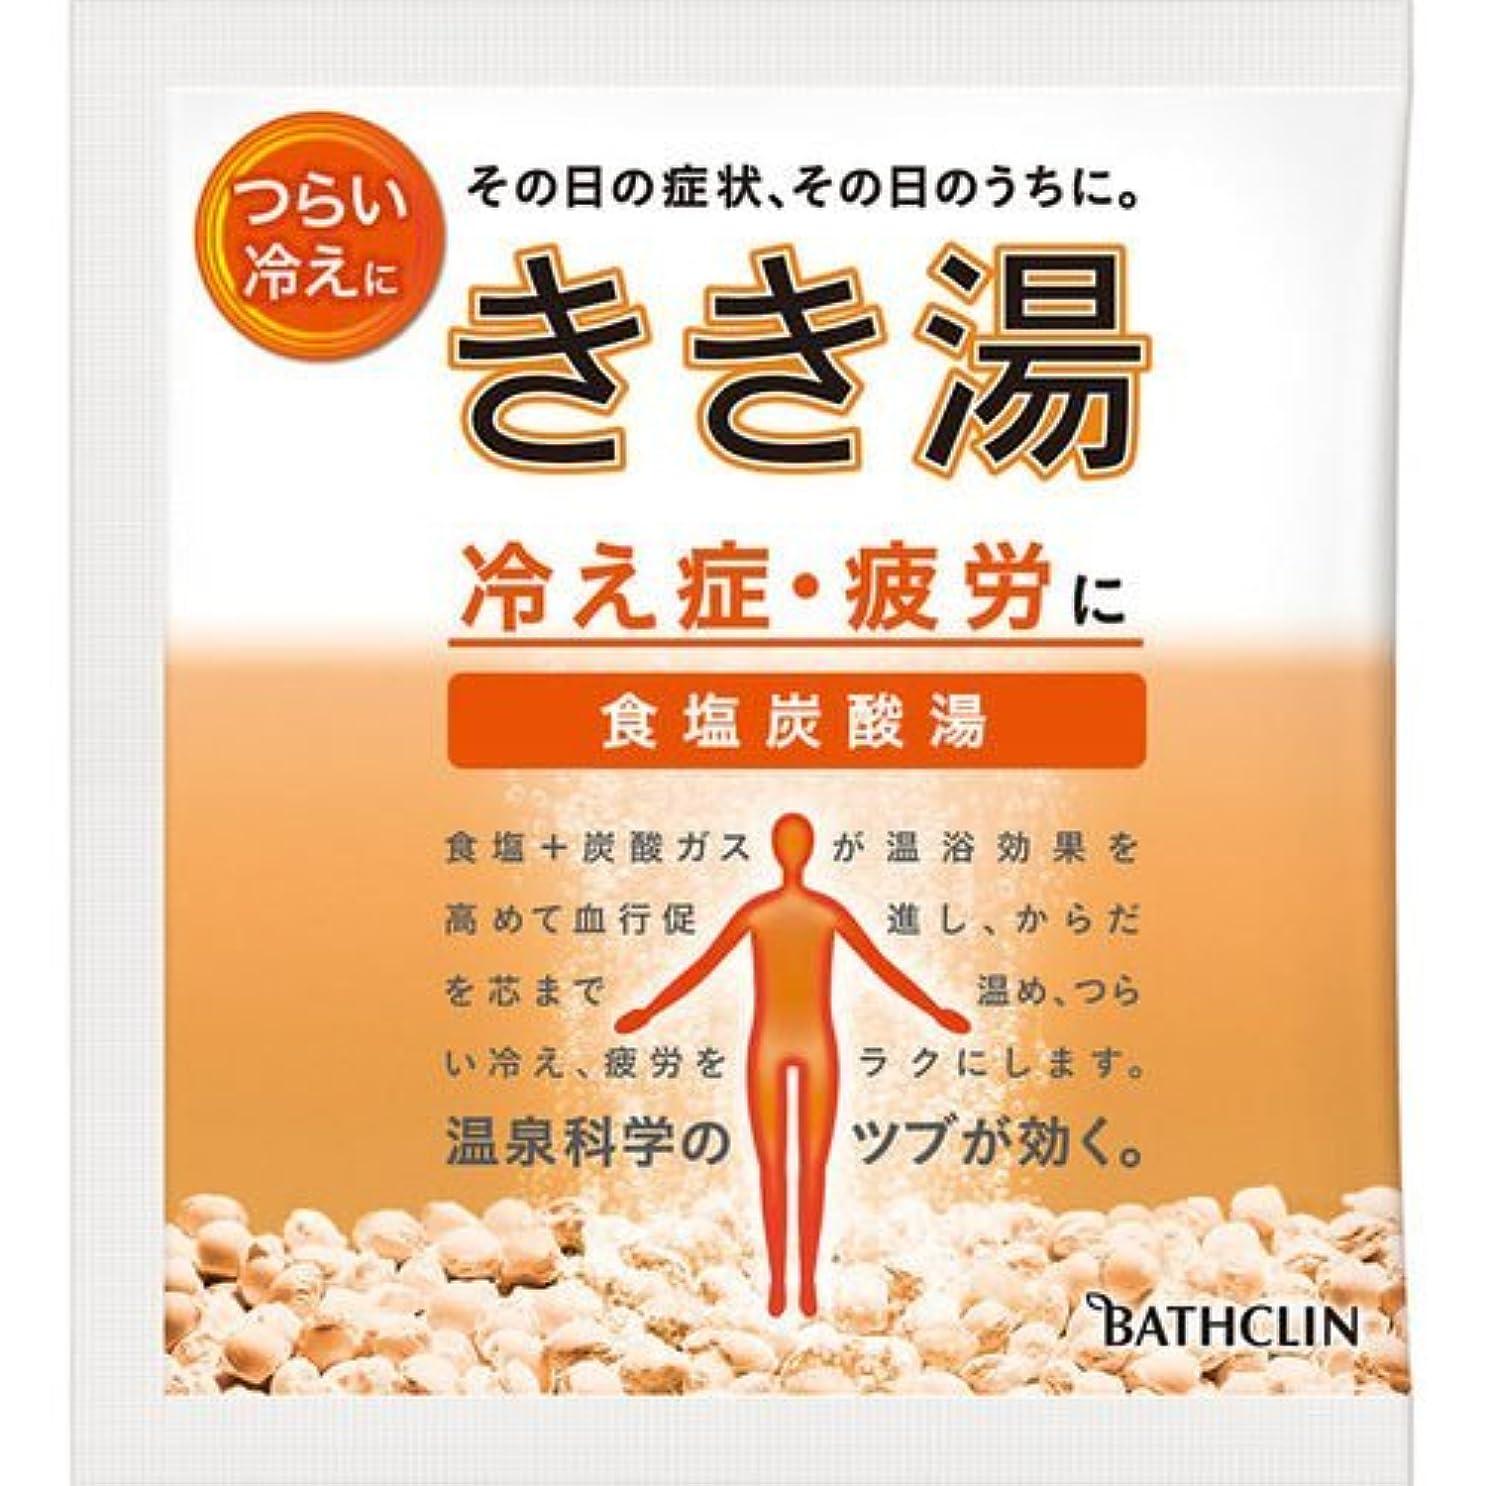 科学ラップシャンパンきき湯 食塩炭酸湯 30g 分包[医薬部外品]